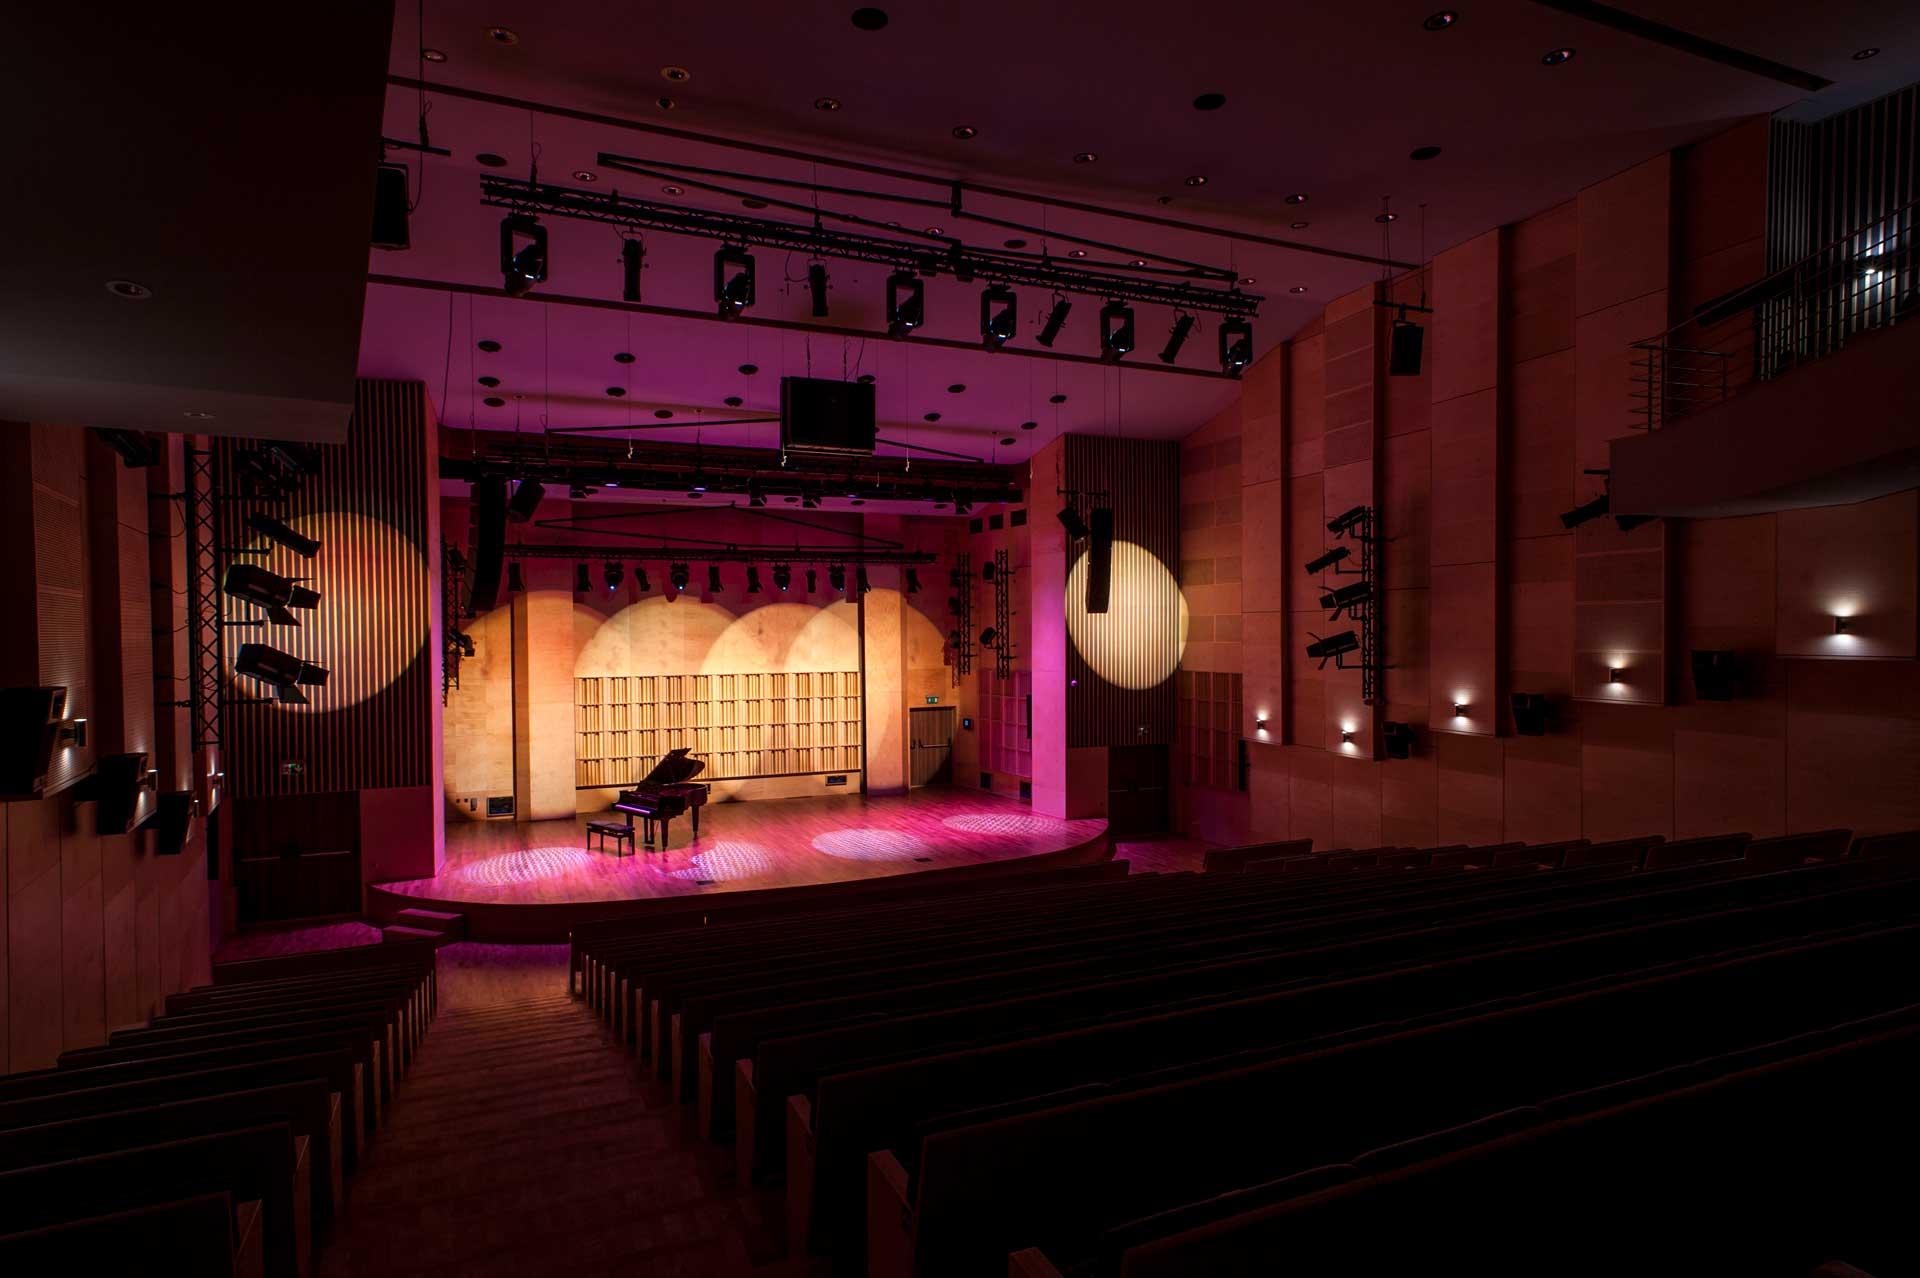 Sala koncertowa, system nagłośnienia